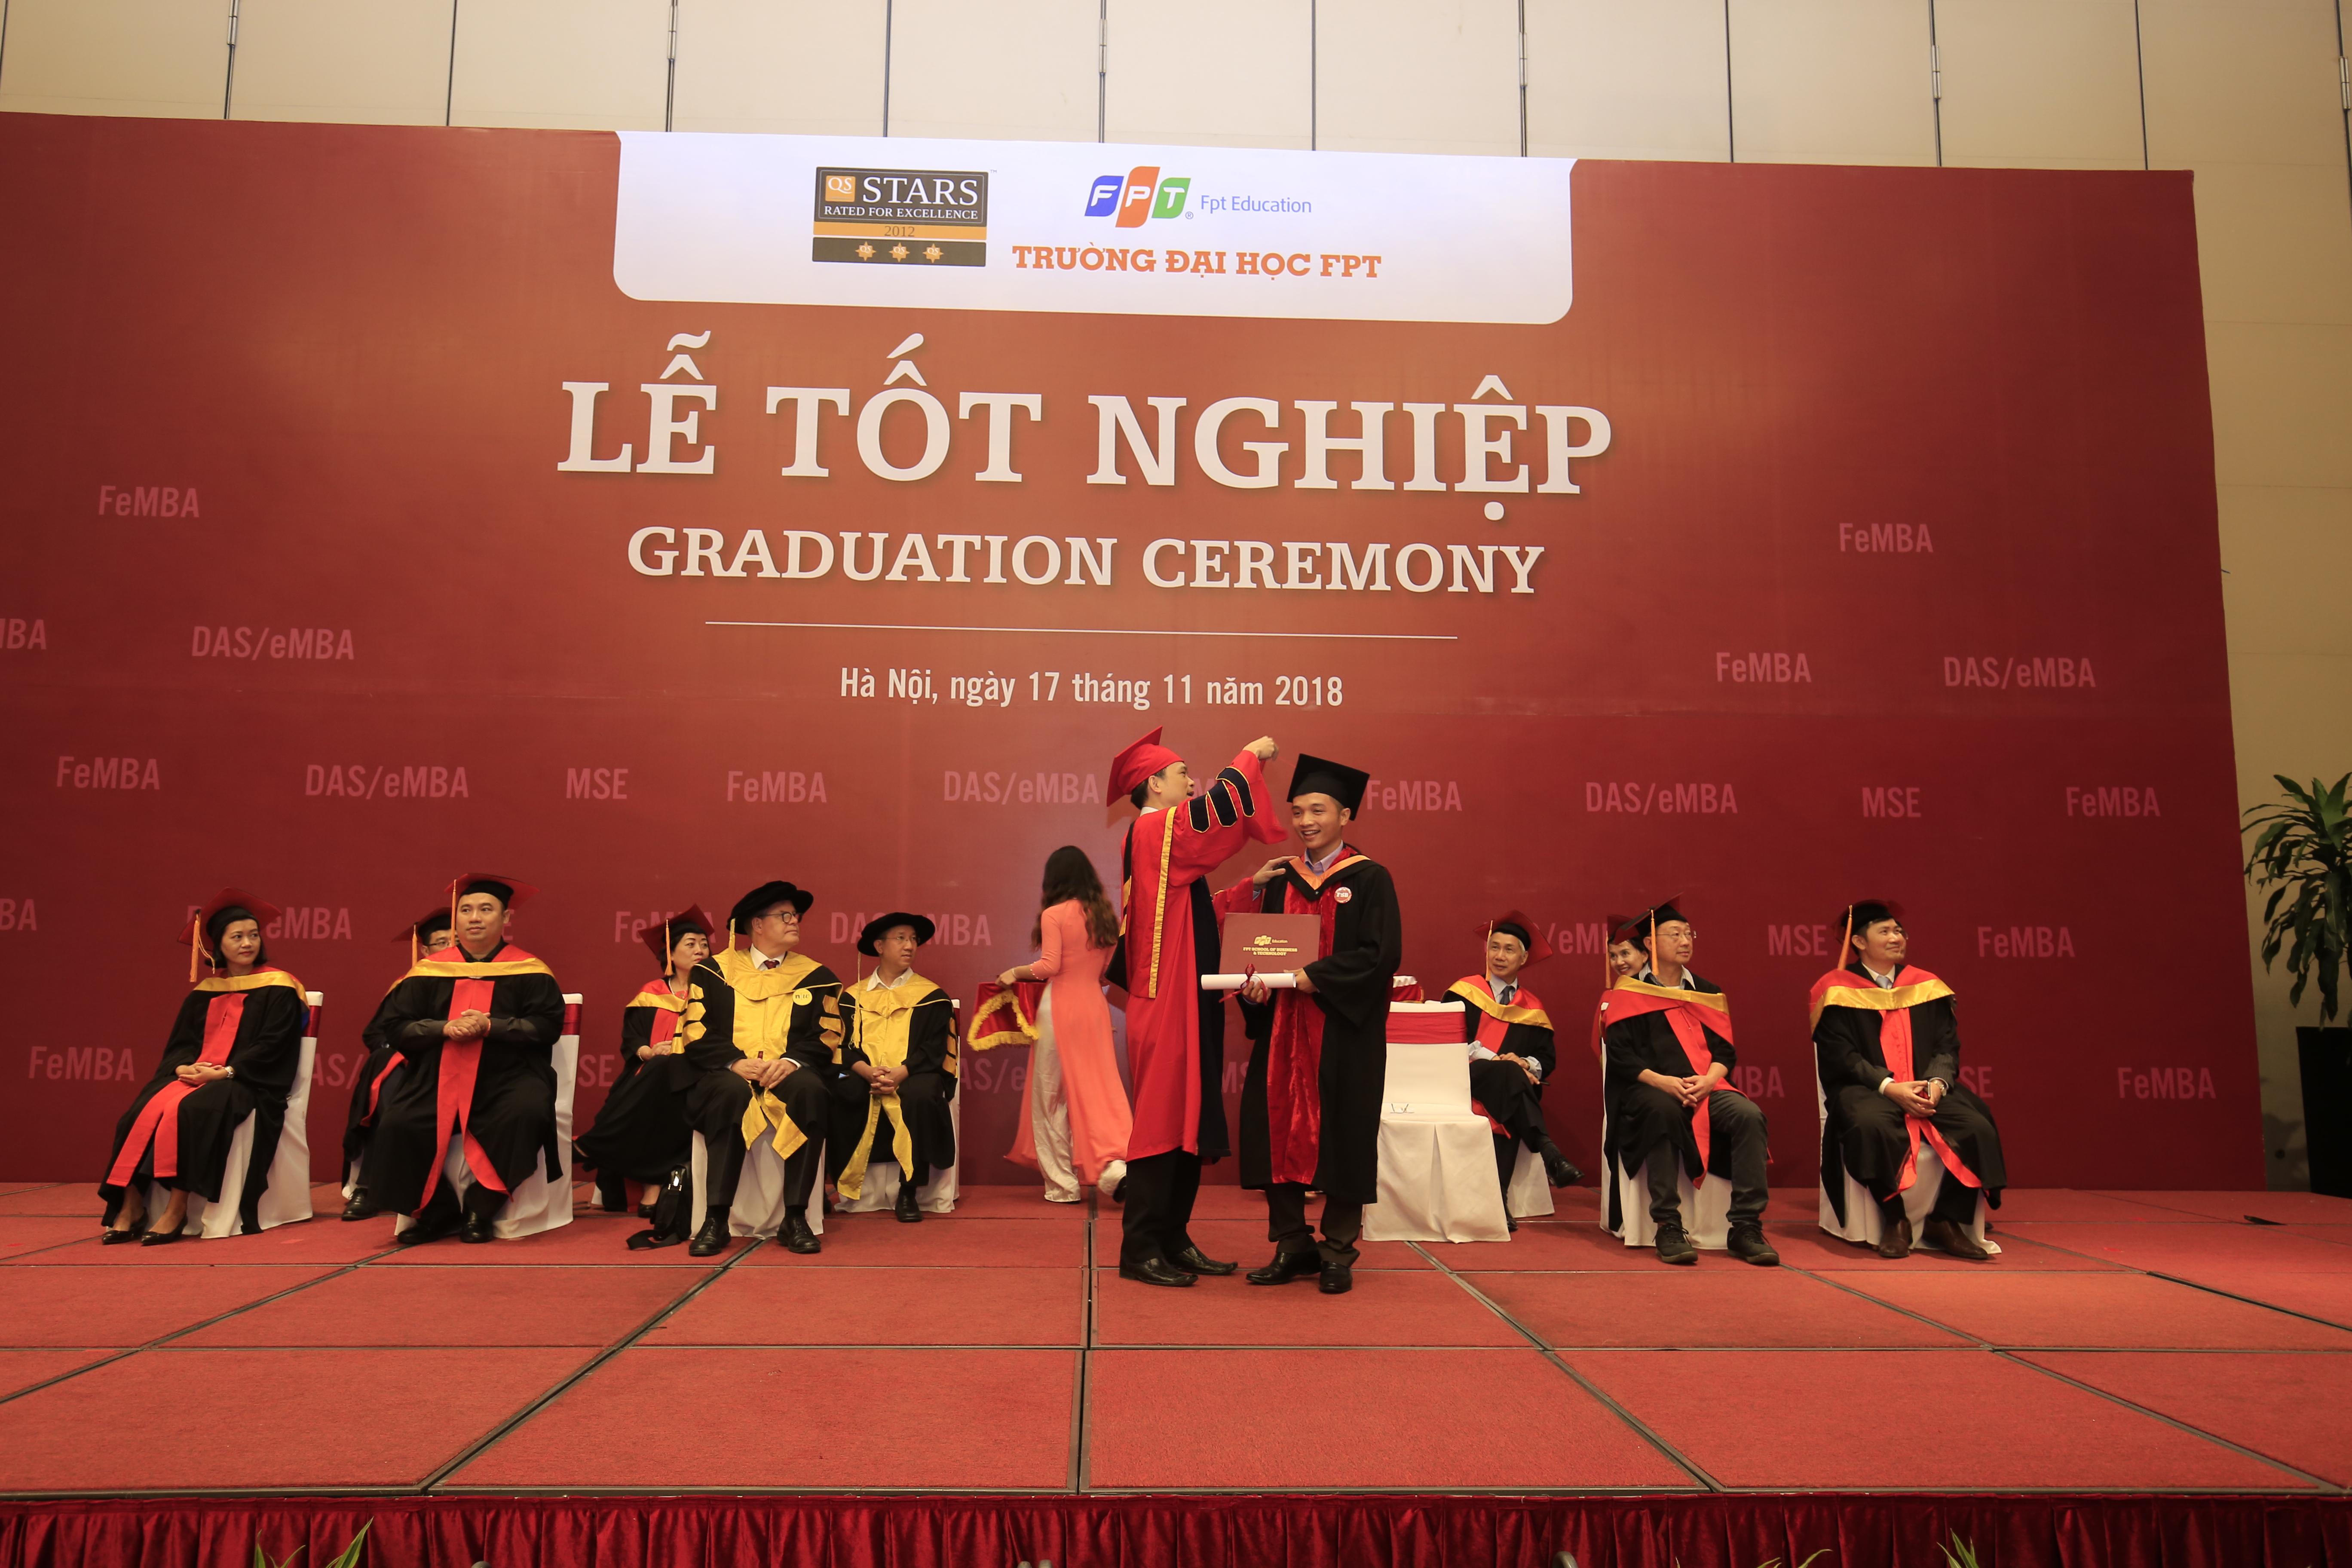 Ngay sau đó là phần trao bằng tốt nghiệp cho các tân thạc sĩ của FSB. Lần lượt từng học viên được bước lên sân khấu để Viện trưởng Nguyễn Việt Thắng vắt dải mũ, đánh dấu một bước chuyển quan trong trong quá trình học tập, rèn luyện và trao tấm bằng thạc sĩ cho họ.